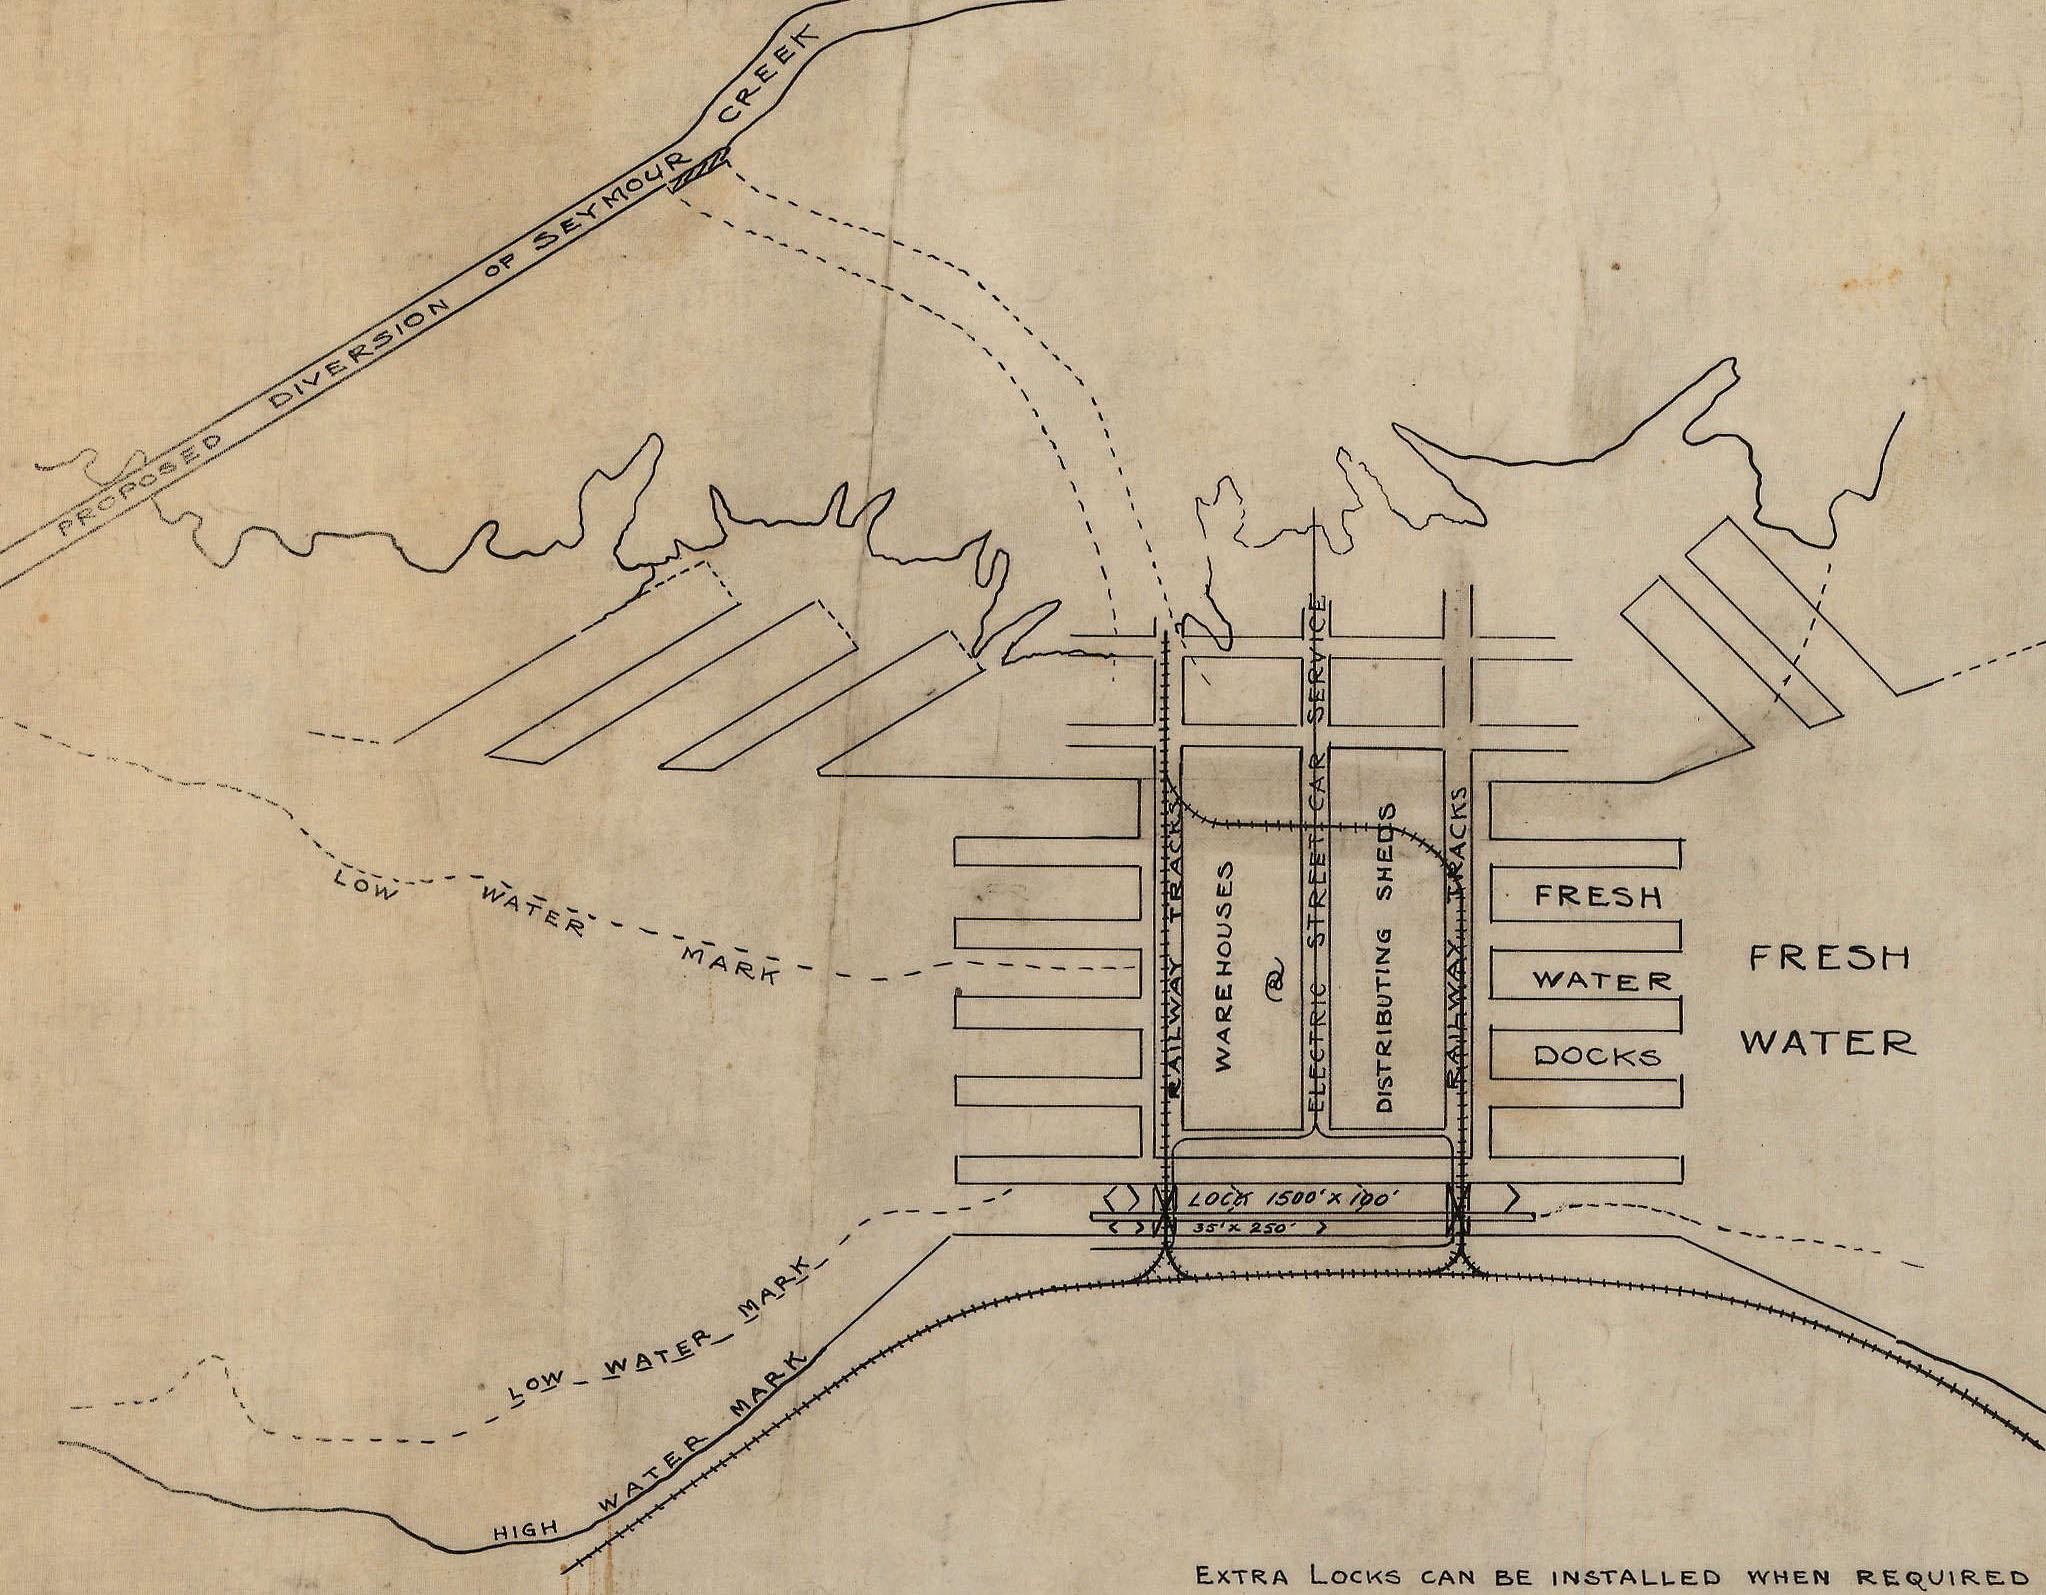 plan of locks